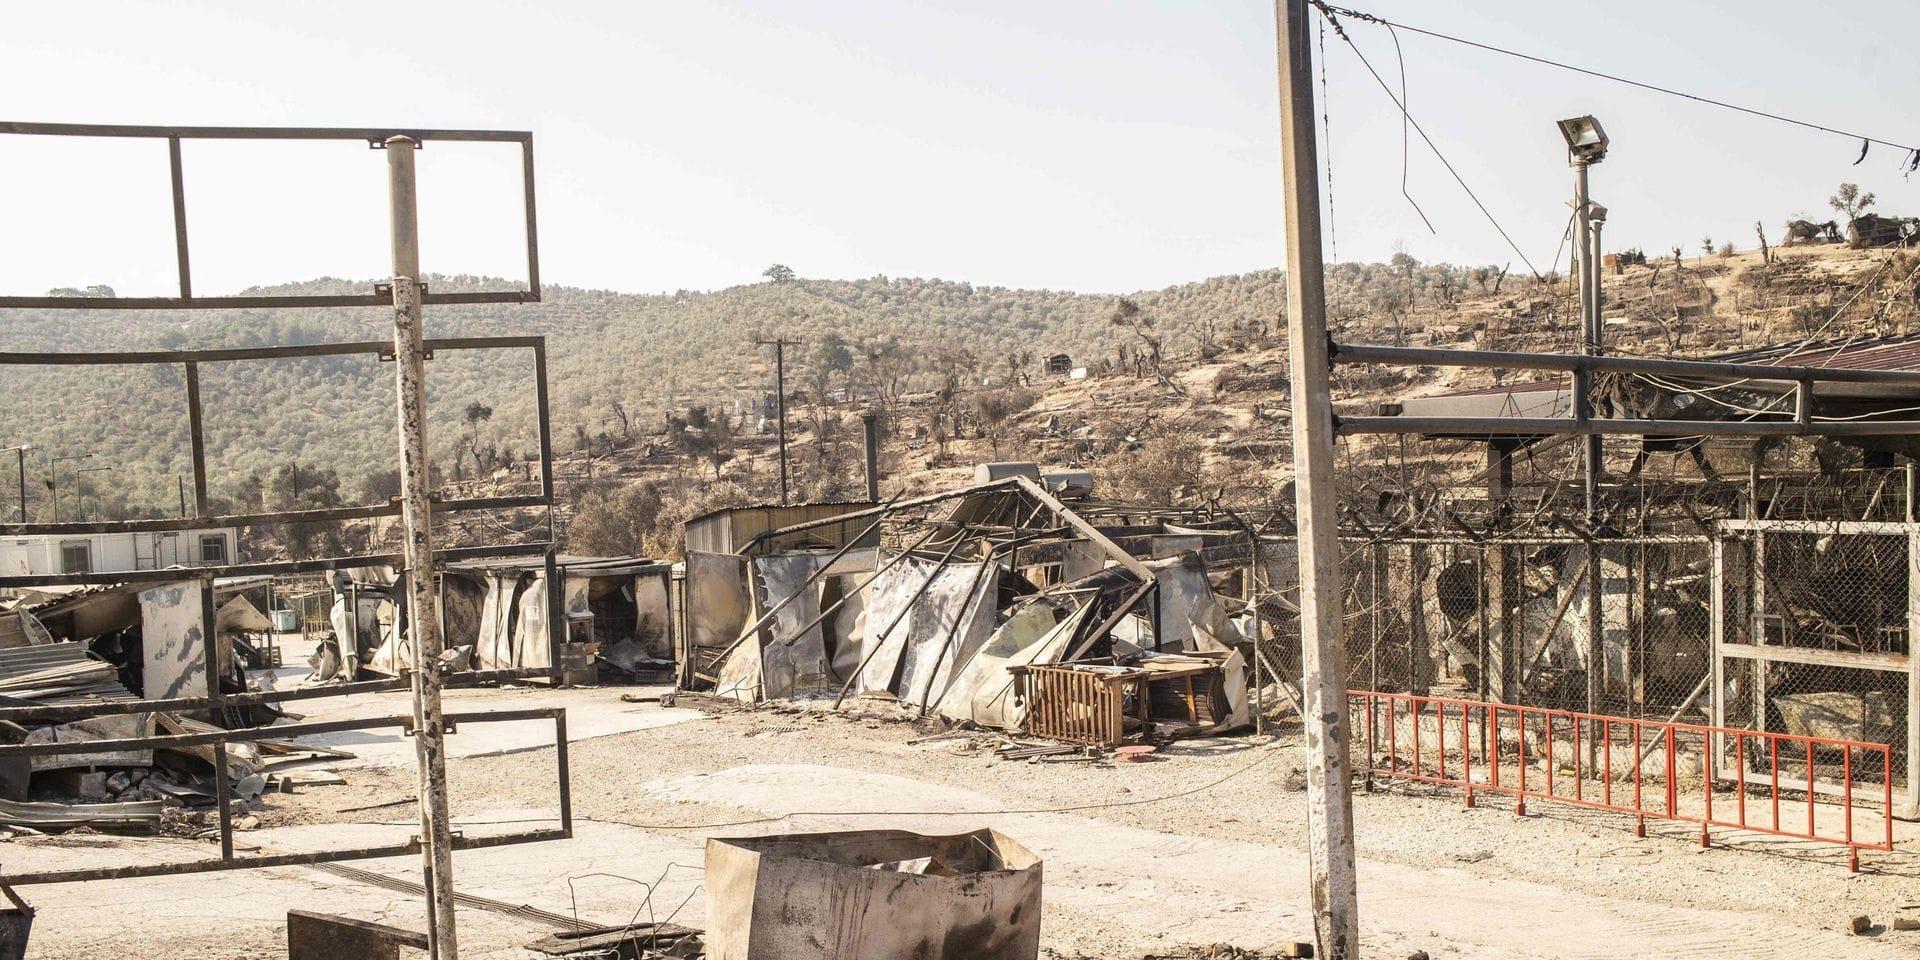 Epuisement et exaspération à Lesbos, après la destruction du camp de Moria